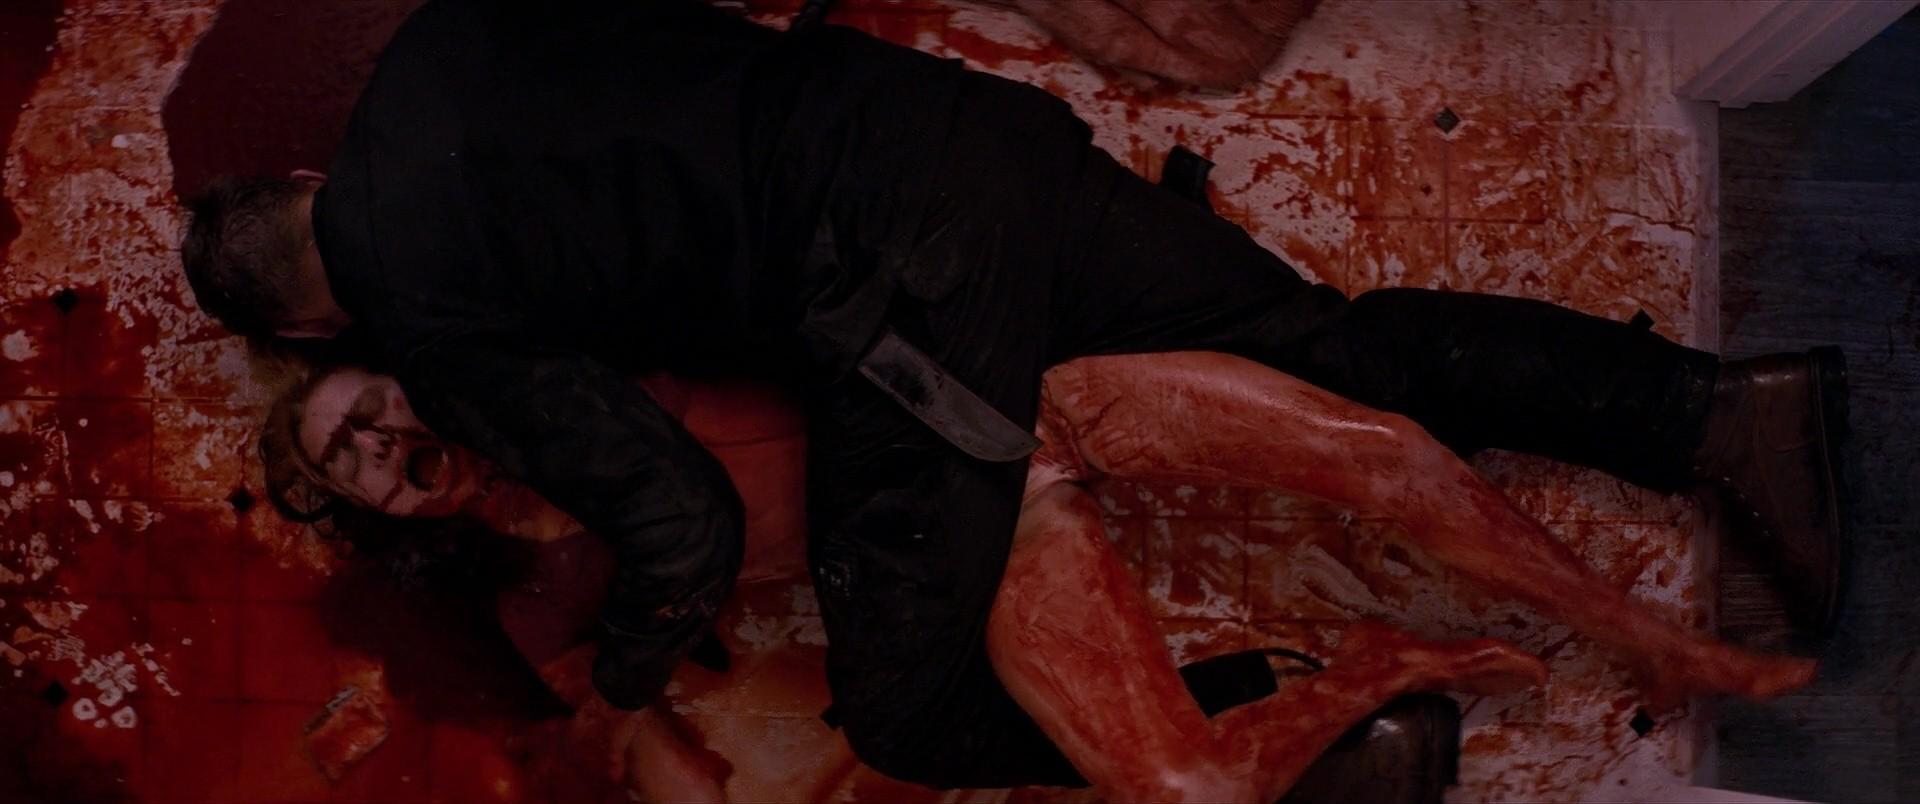 Assassination Nation bingtorrent Screen shots